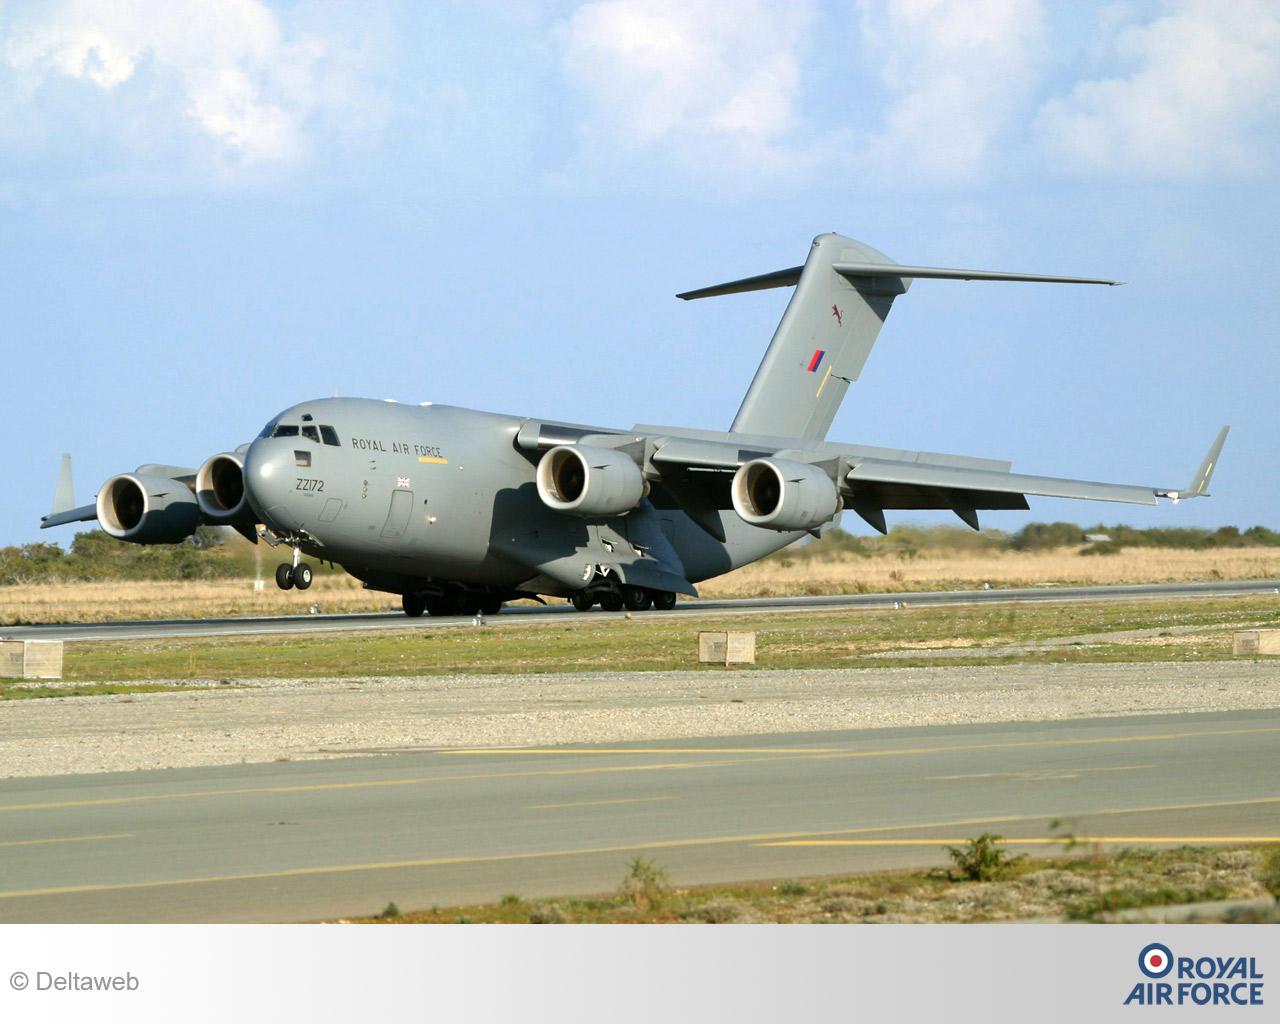 C17 Aircraft. 800x600